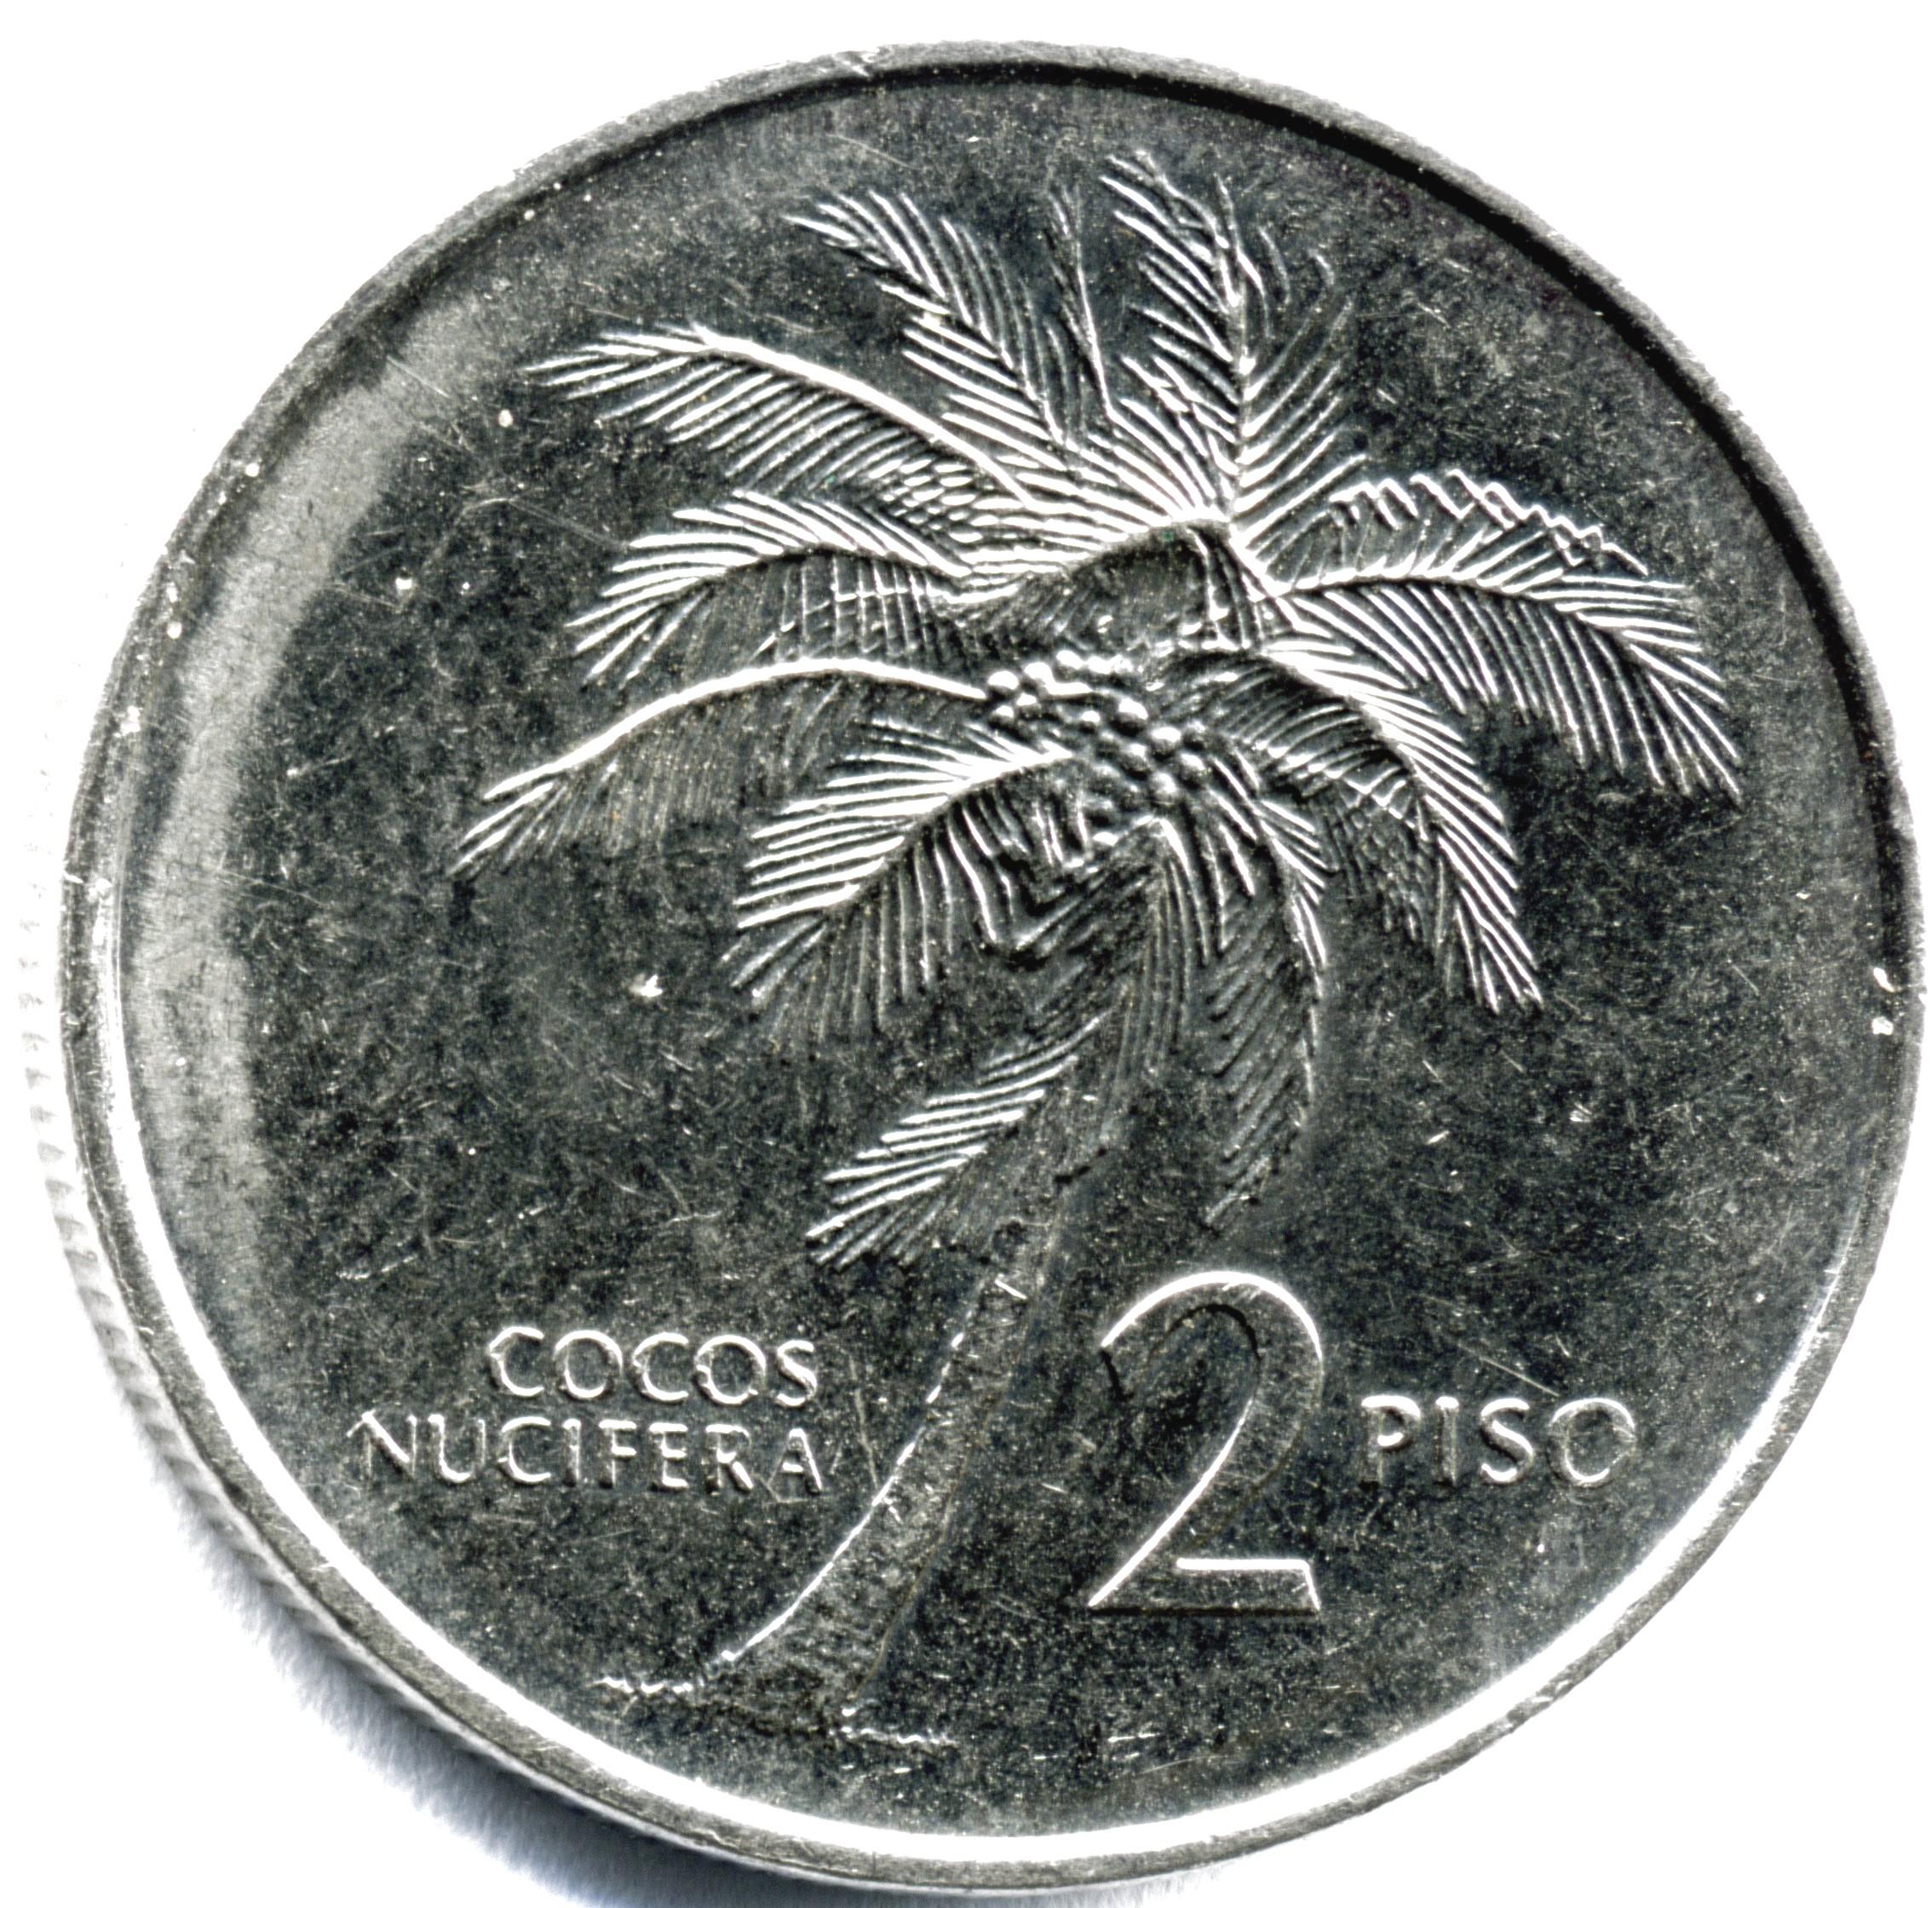 Philippine Two Peso Coin Wikipedia